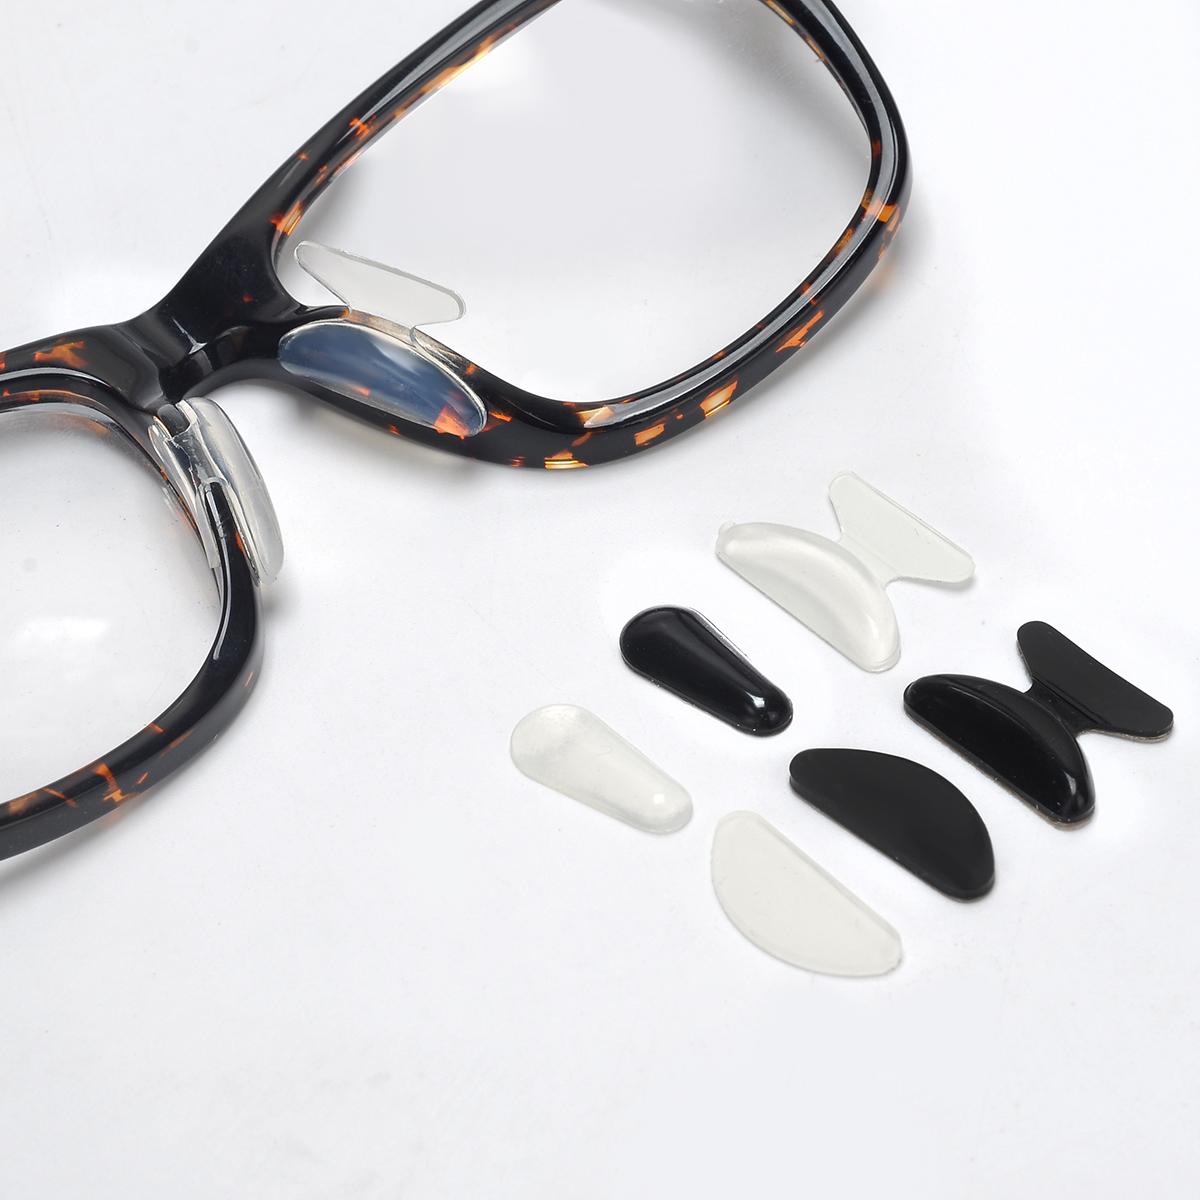 ATY眼镜鼻托硅胶 防滑鼻垫板材眼镜配件太阳眼睛框架增高鼻贴鼻托